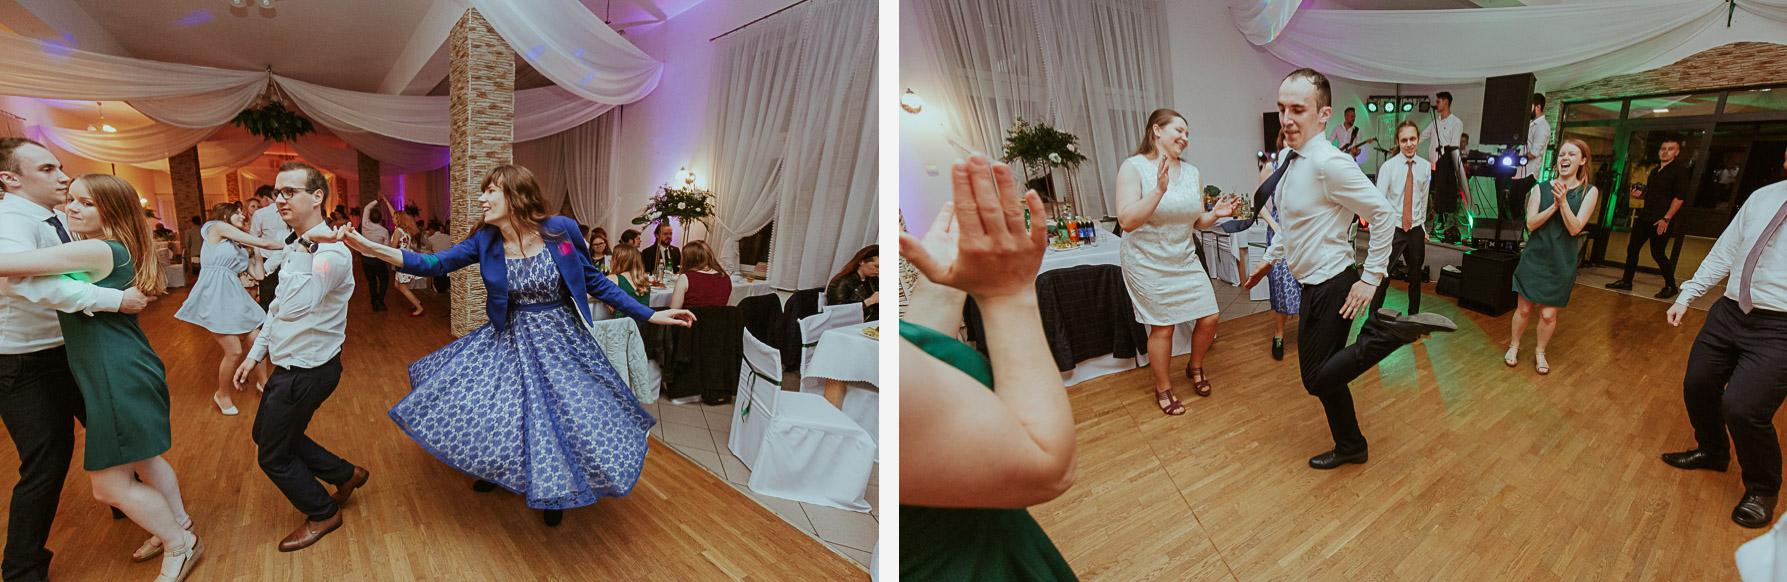 Zdjęcia Ślubne Trzebinia 046 a7